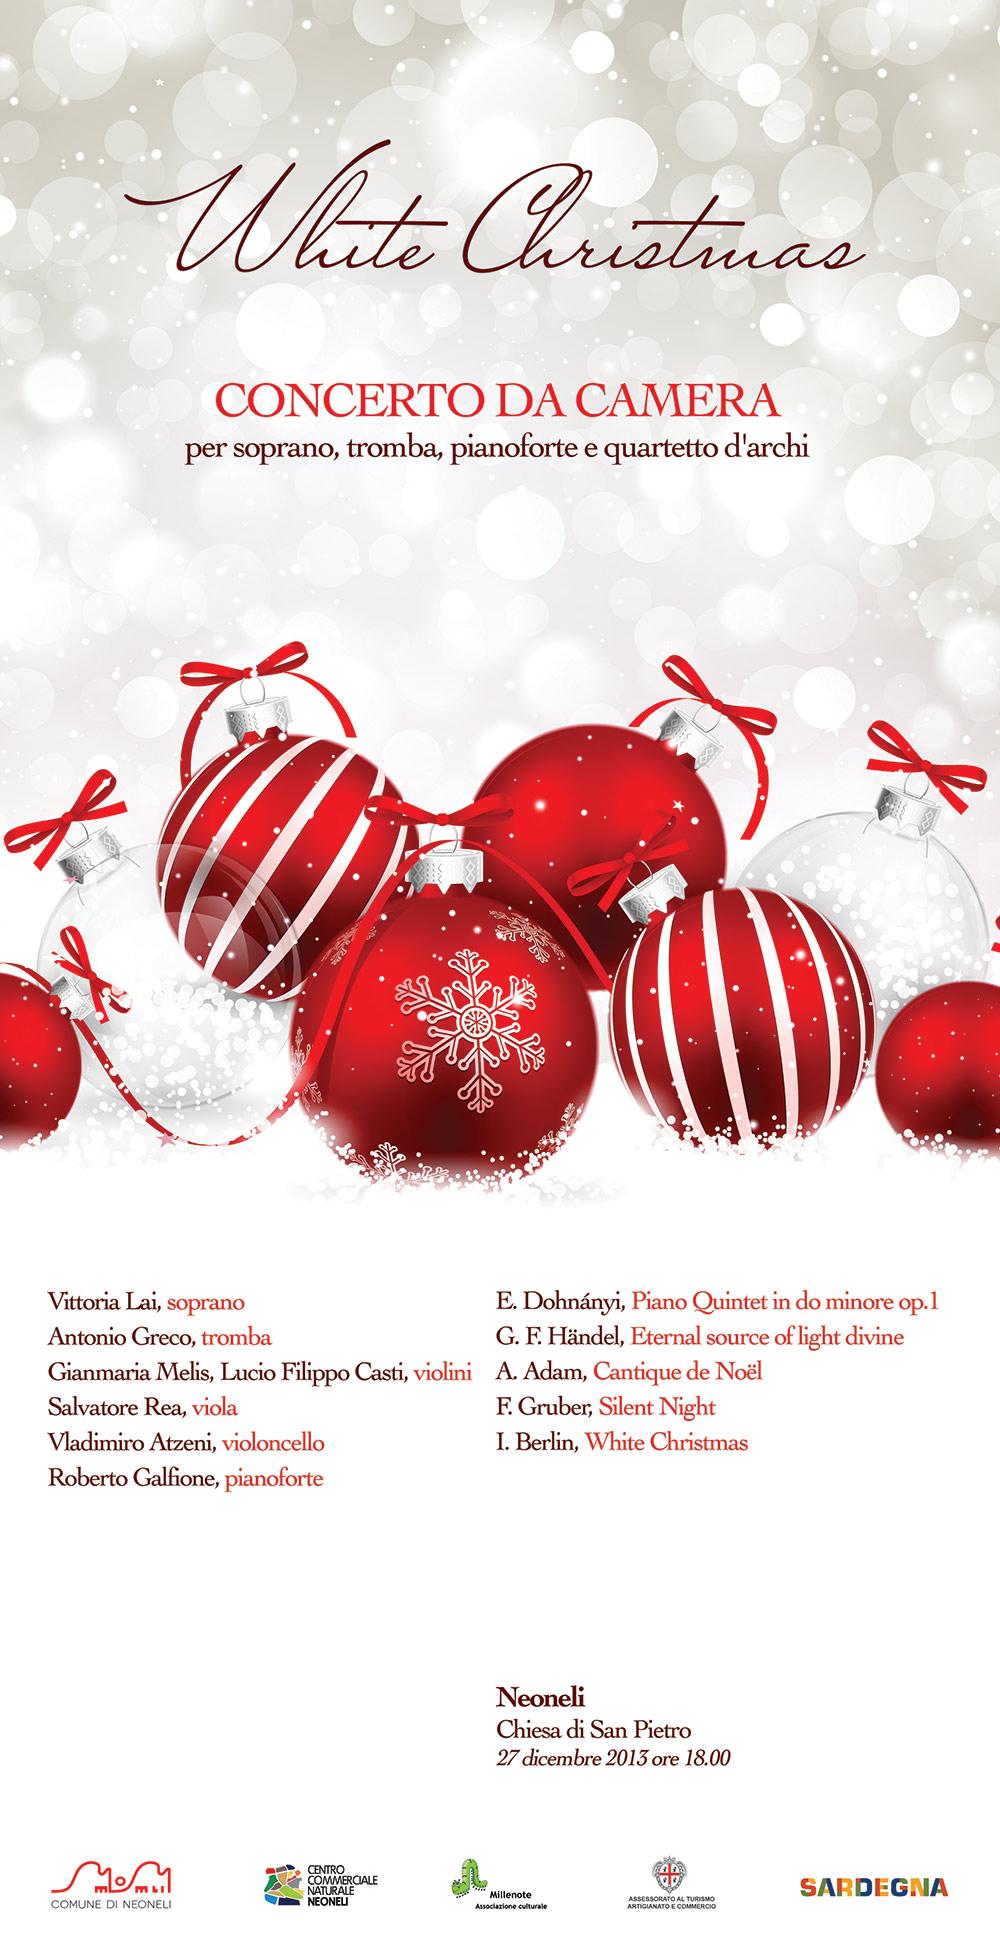 white_christmas_2013_01